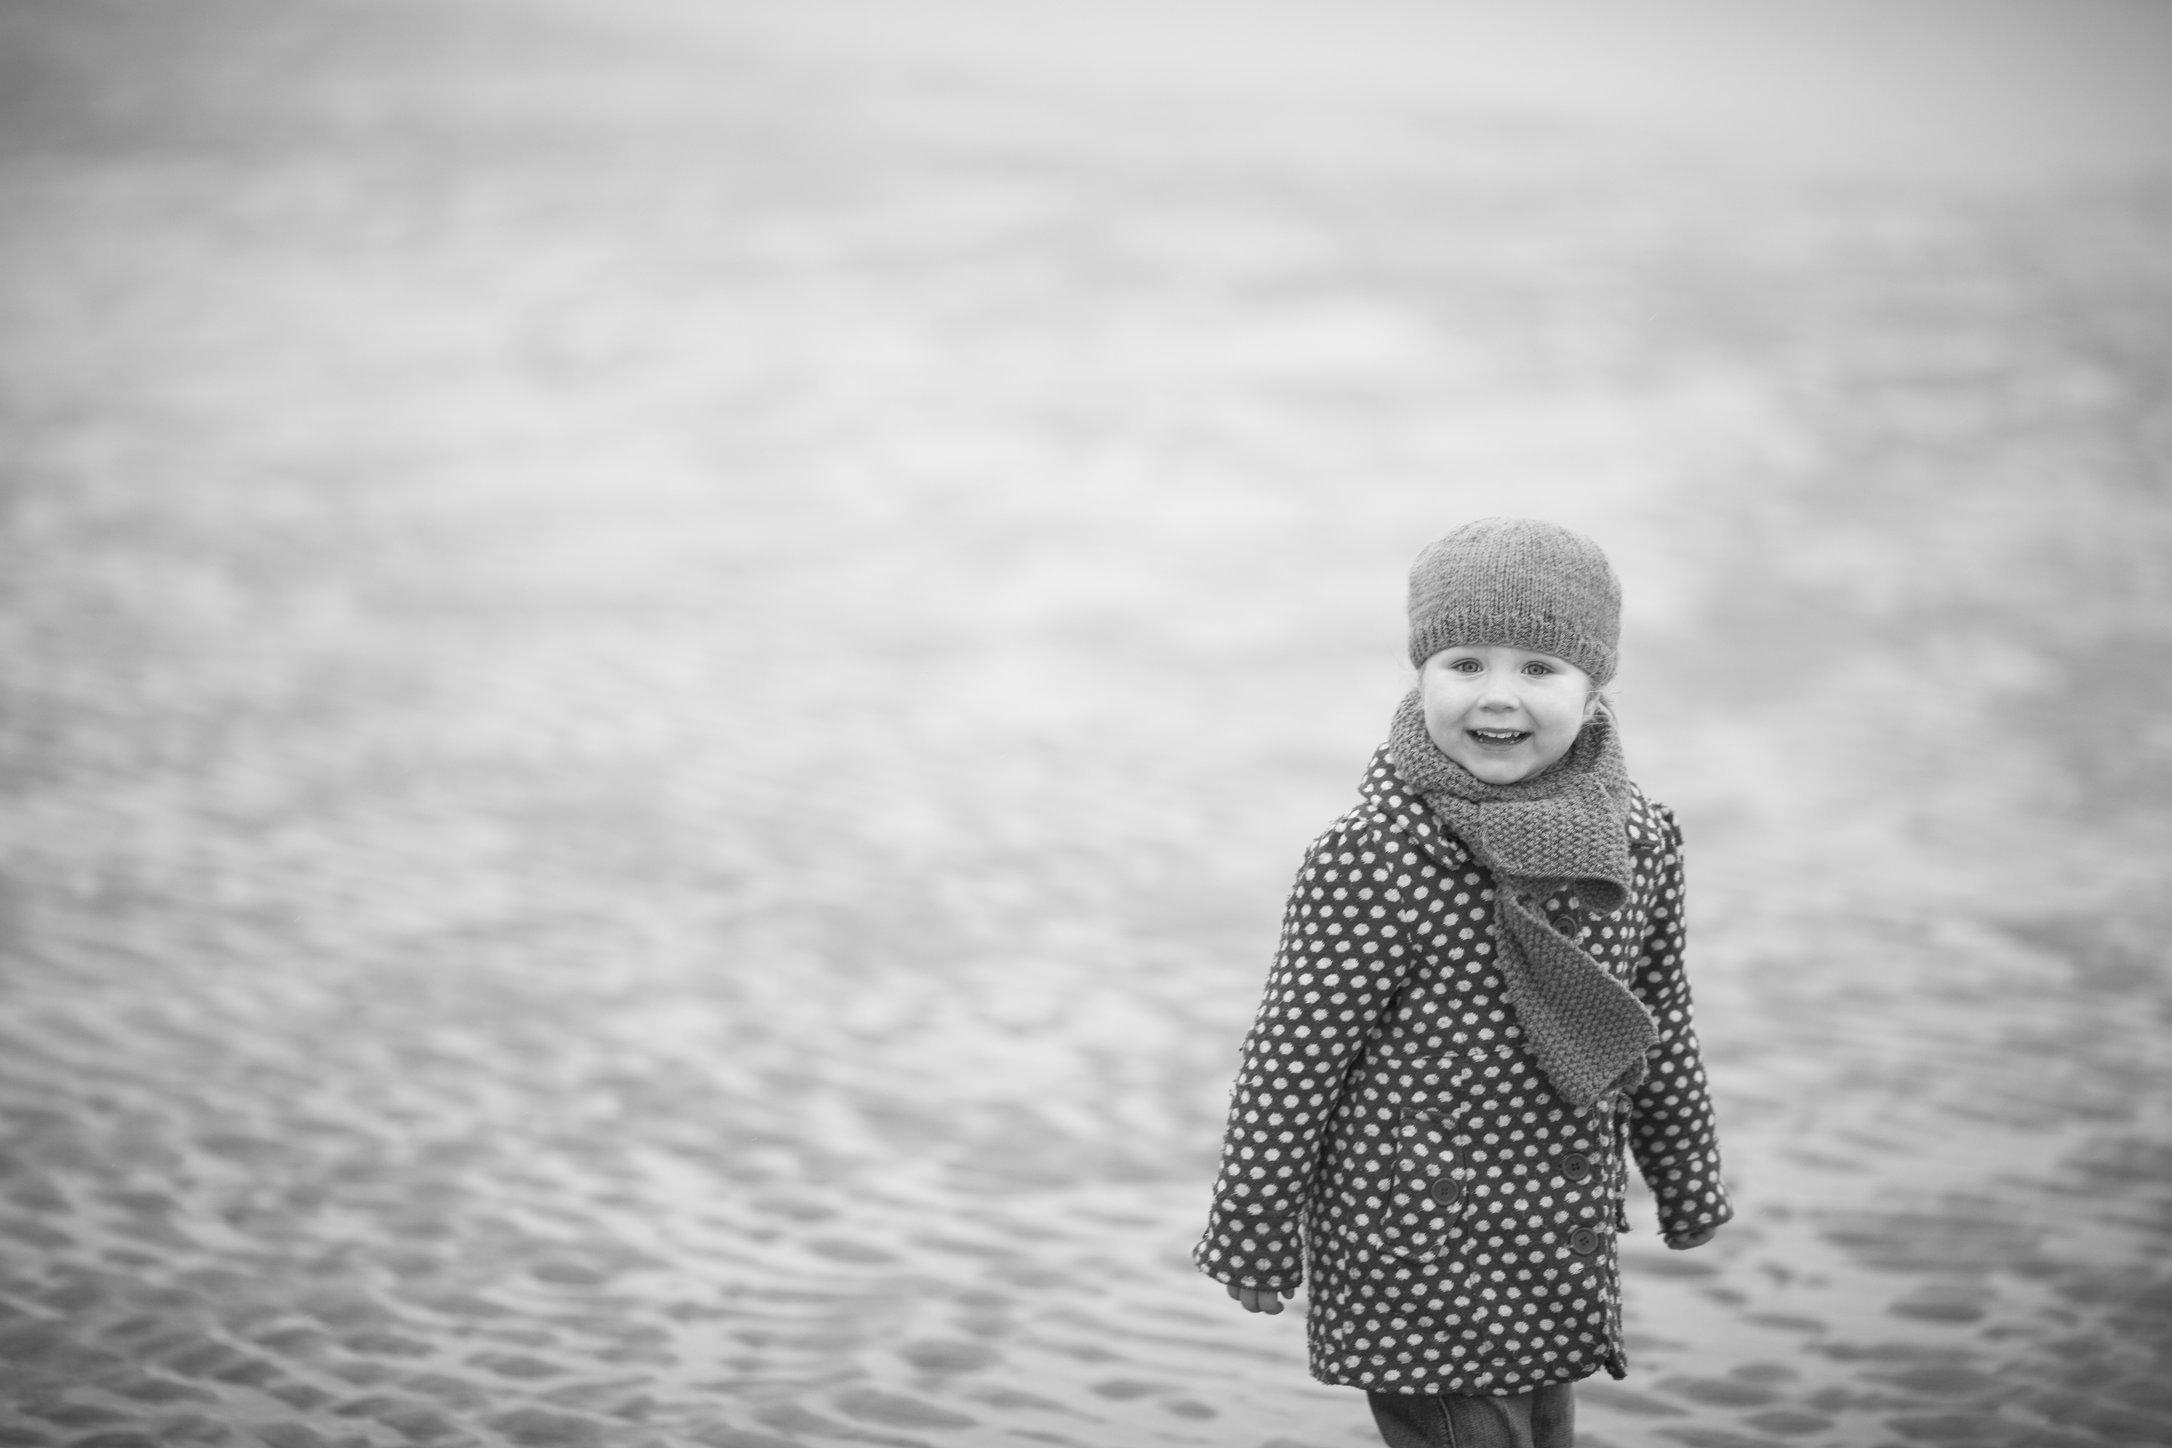 Portretfoto_kind_op_strand_in_de_winter_1.jpg